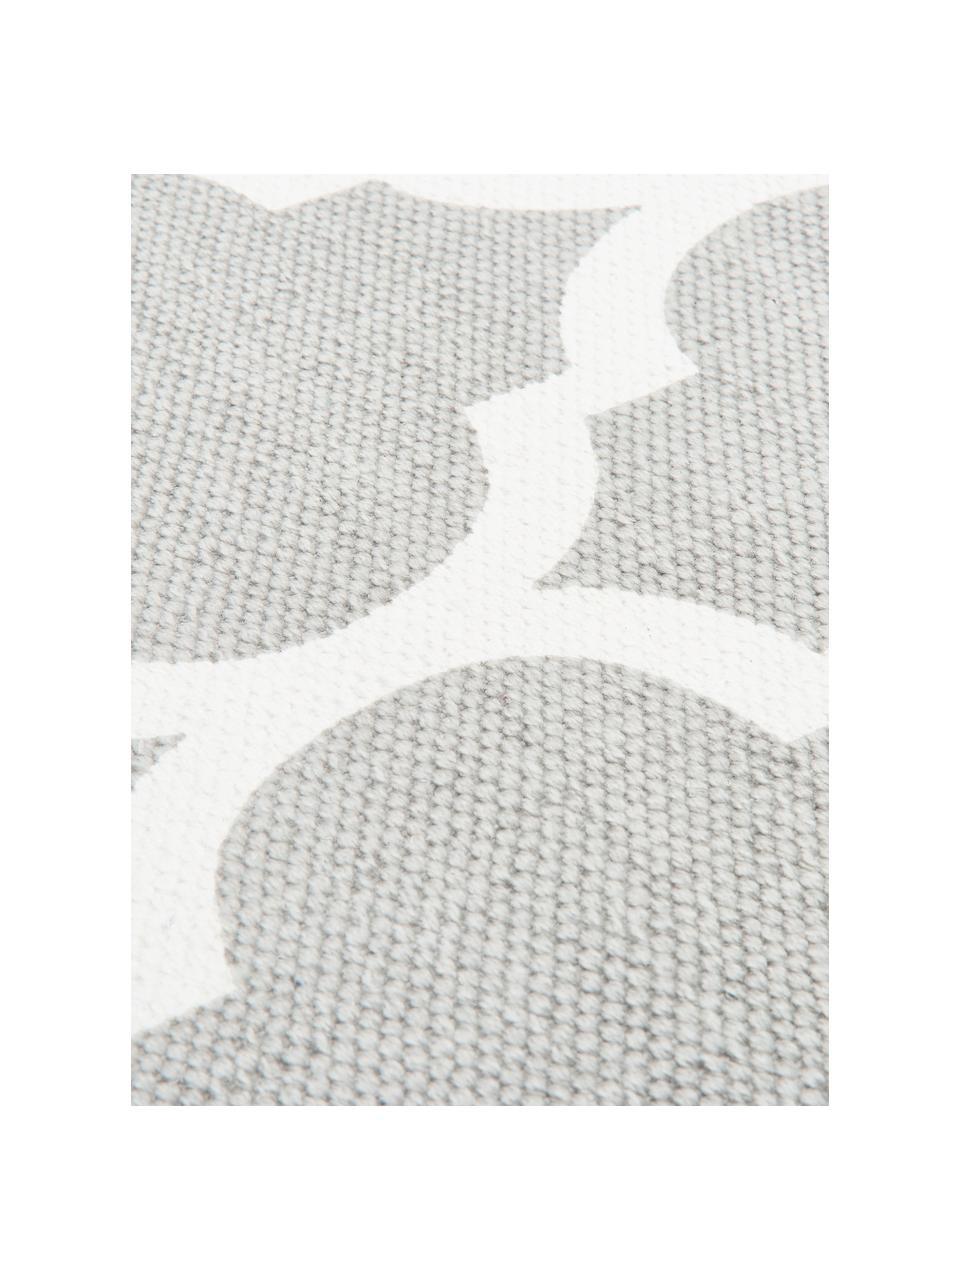 Dünner Baumwollteppich Amira in Grau/Weiß, handgewebt, 100% Baumwolle, Hellgrau, Cremeweiß, B 200 x L 300 cm (Größe L)